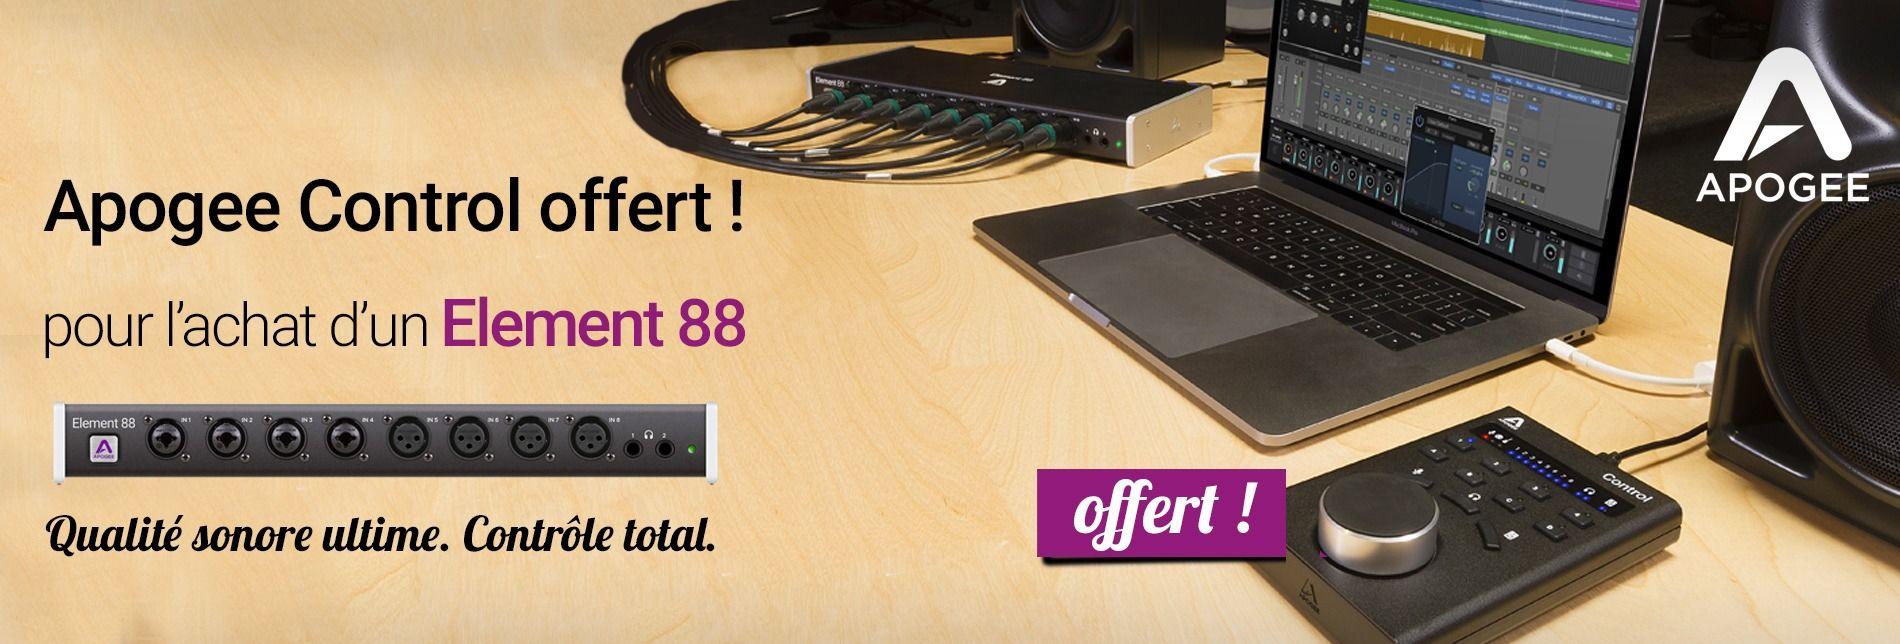 Apogee Control gratuit pour achat Element 88